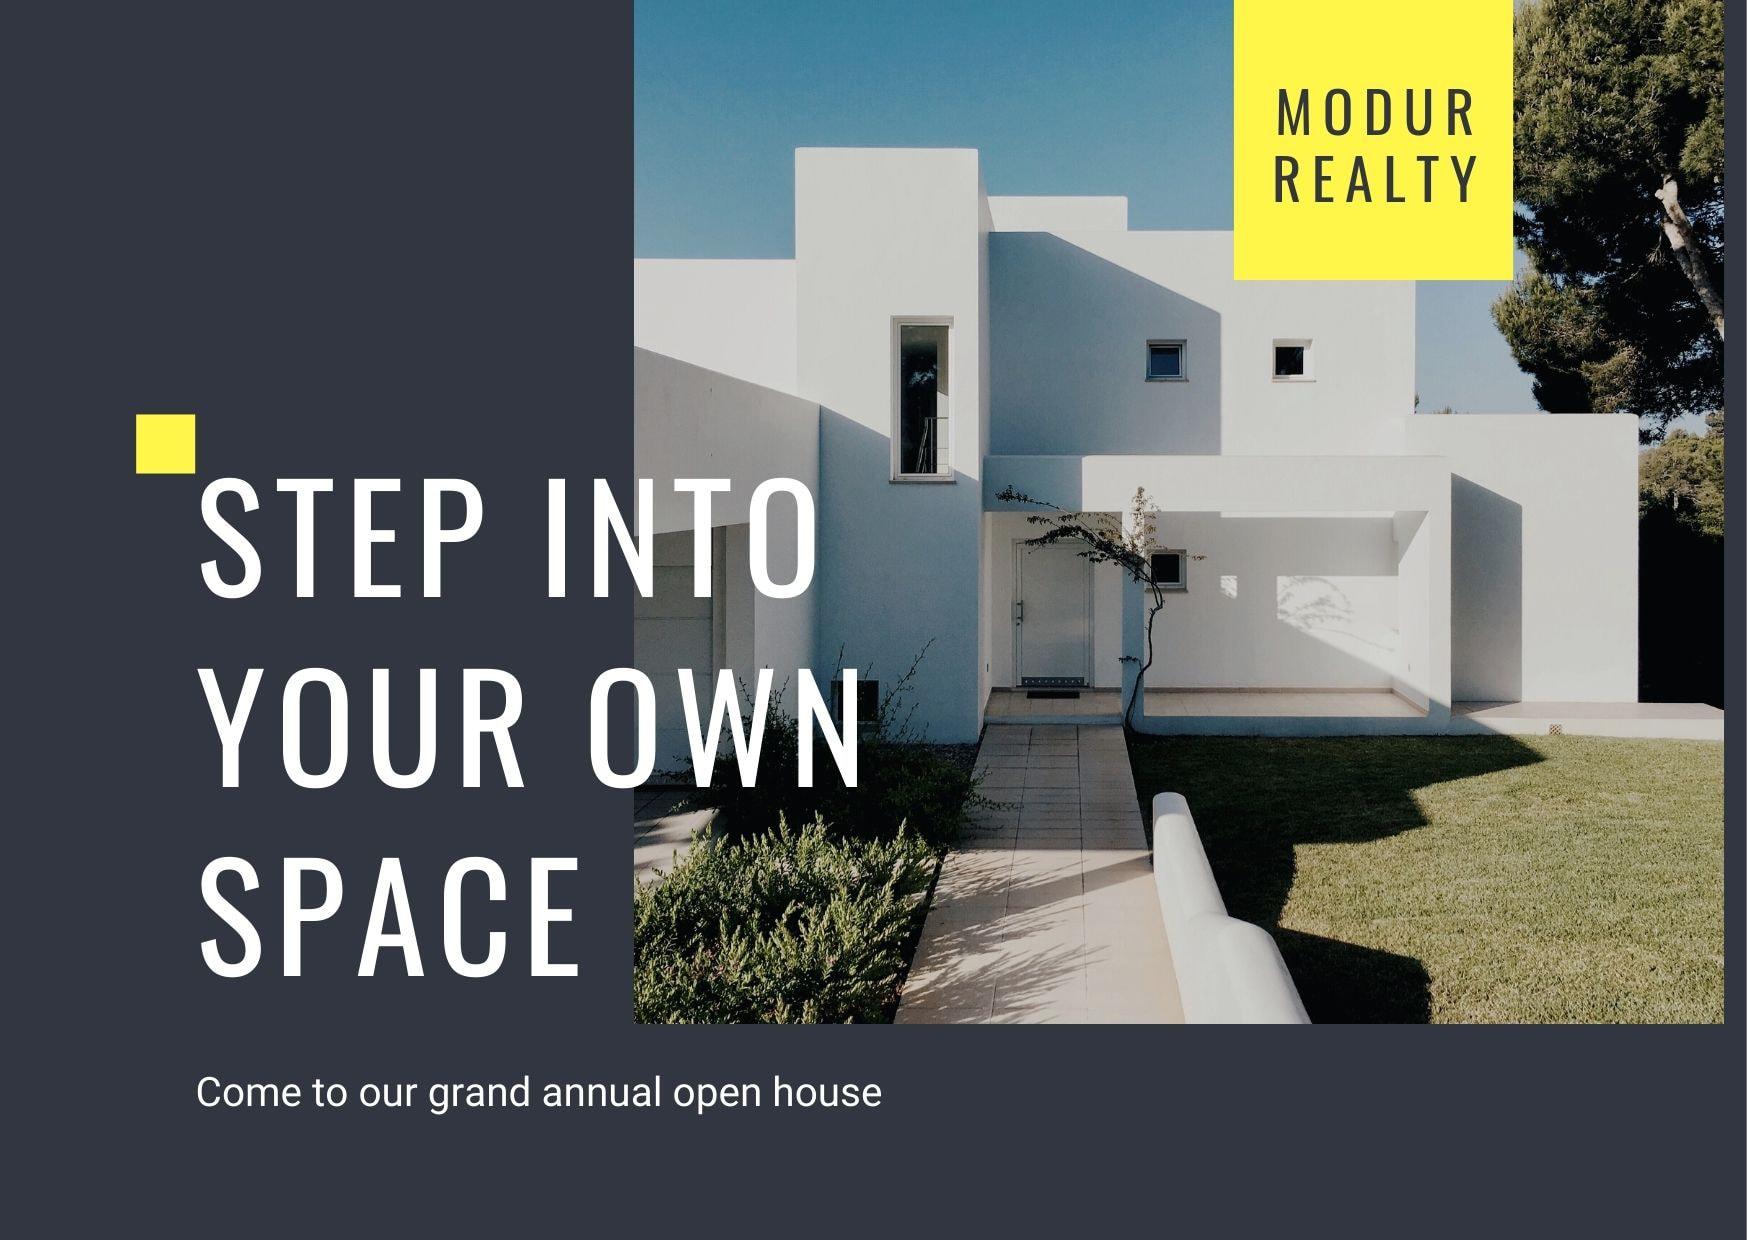 Открытки для продажи недвижимости